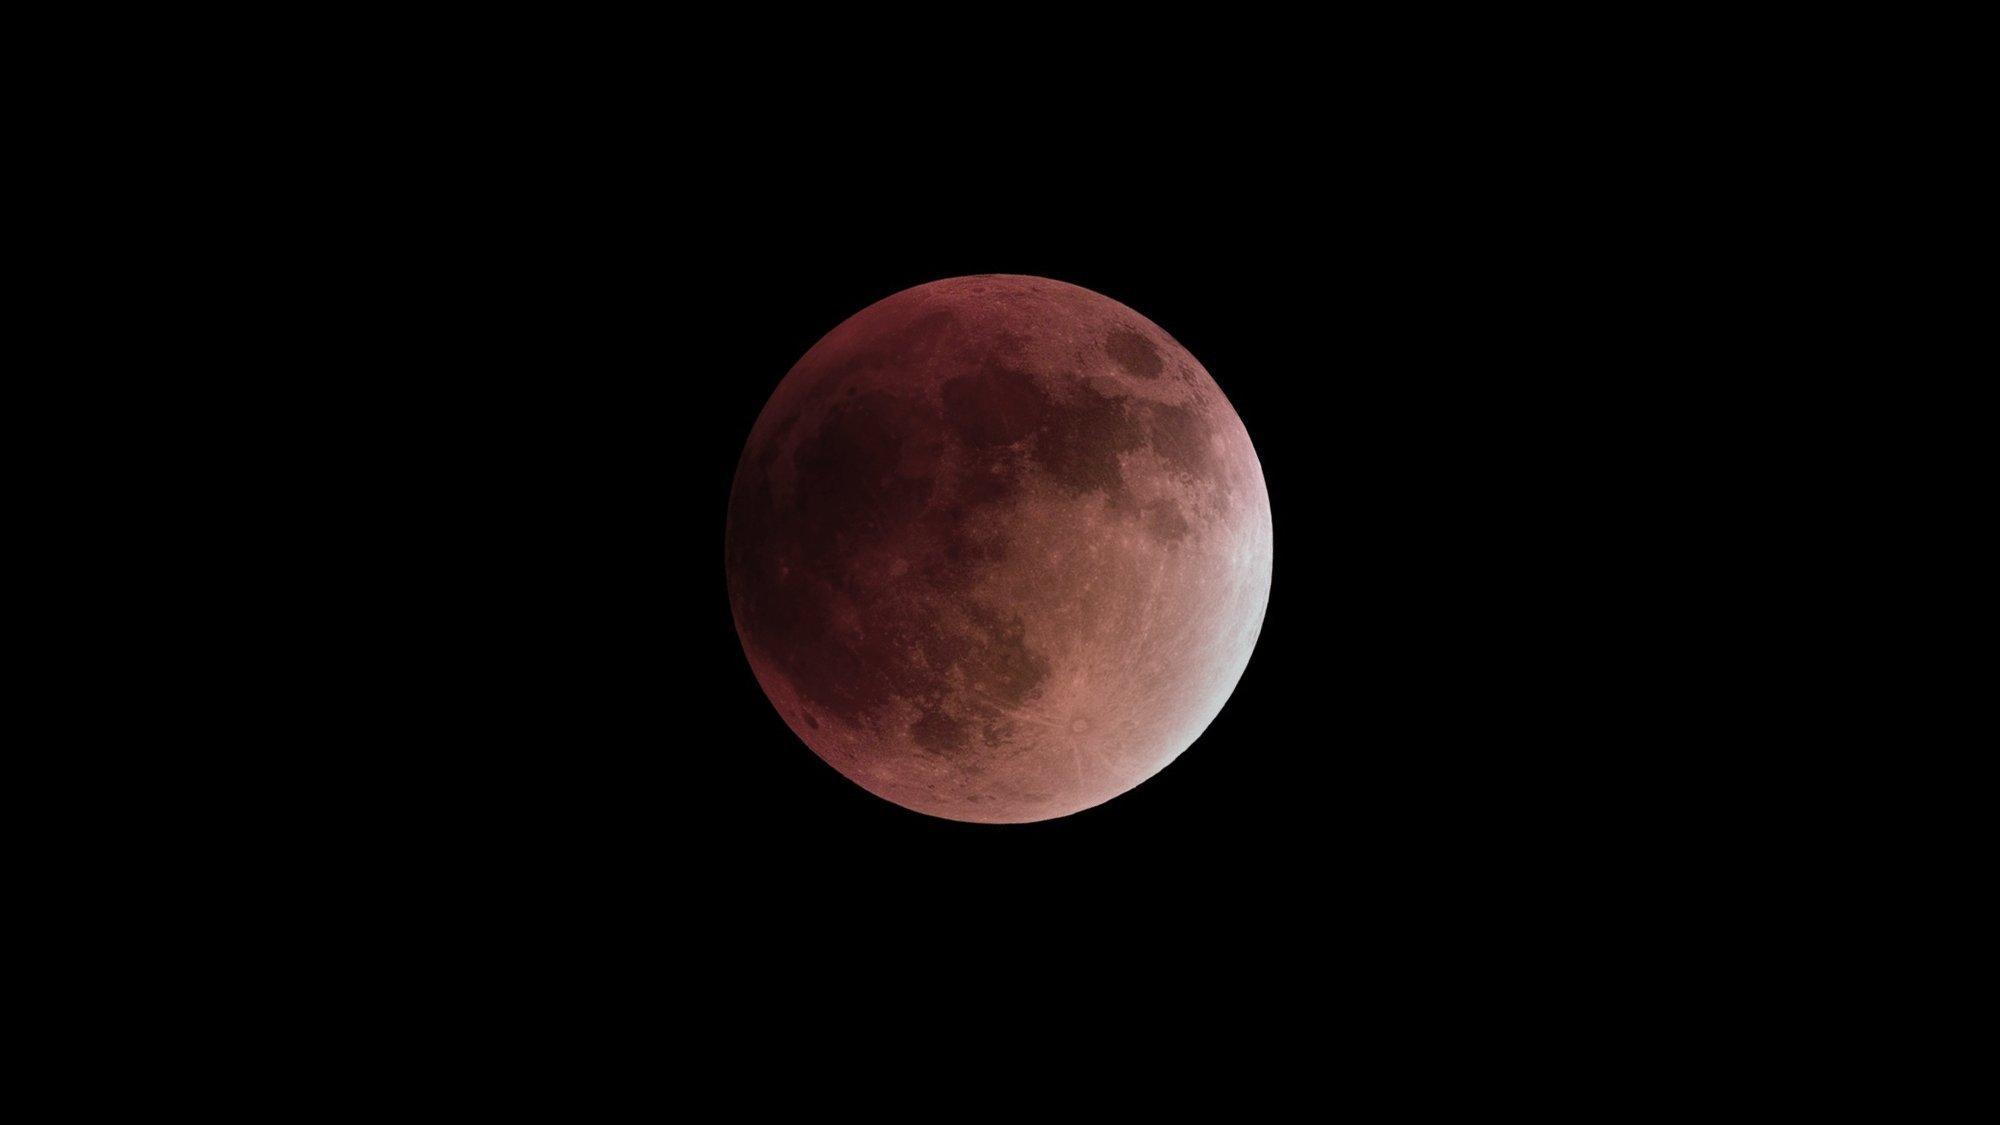 Der blutrote Mond während seines Kernschattendurchlaufs. 28. September 2015.